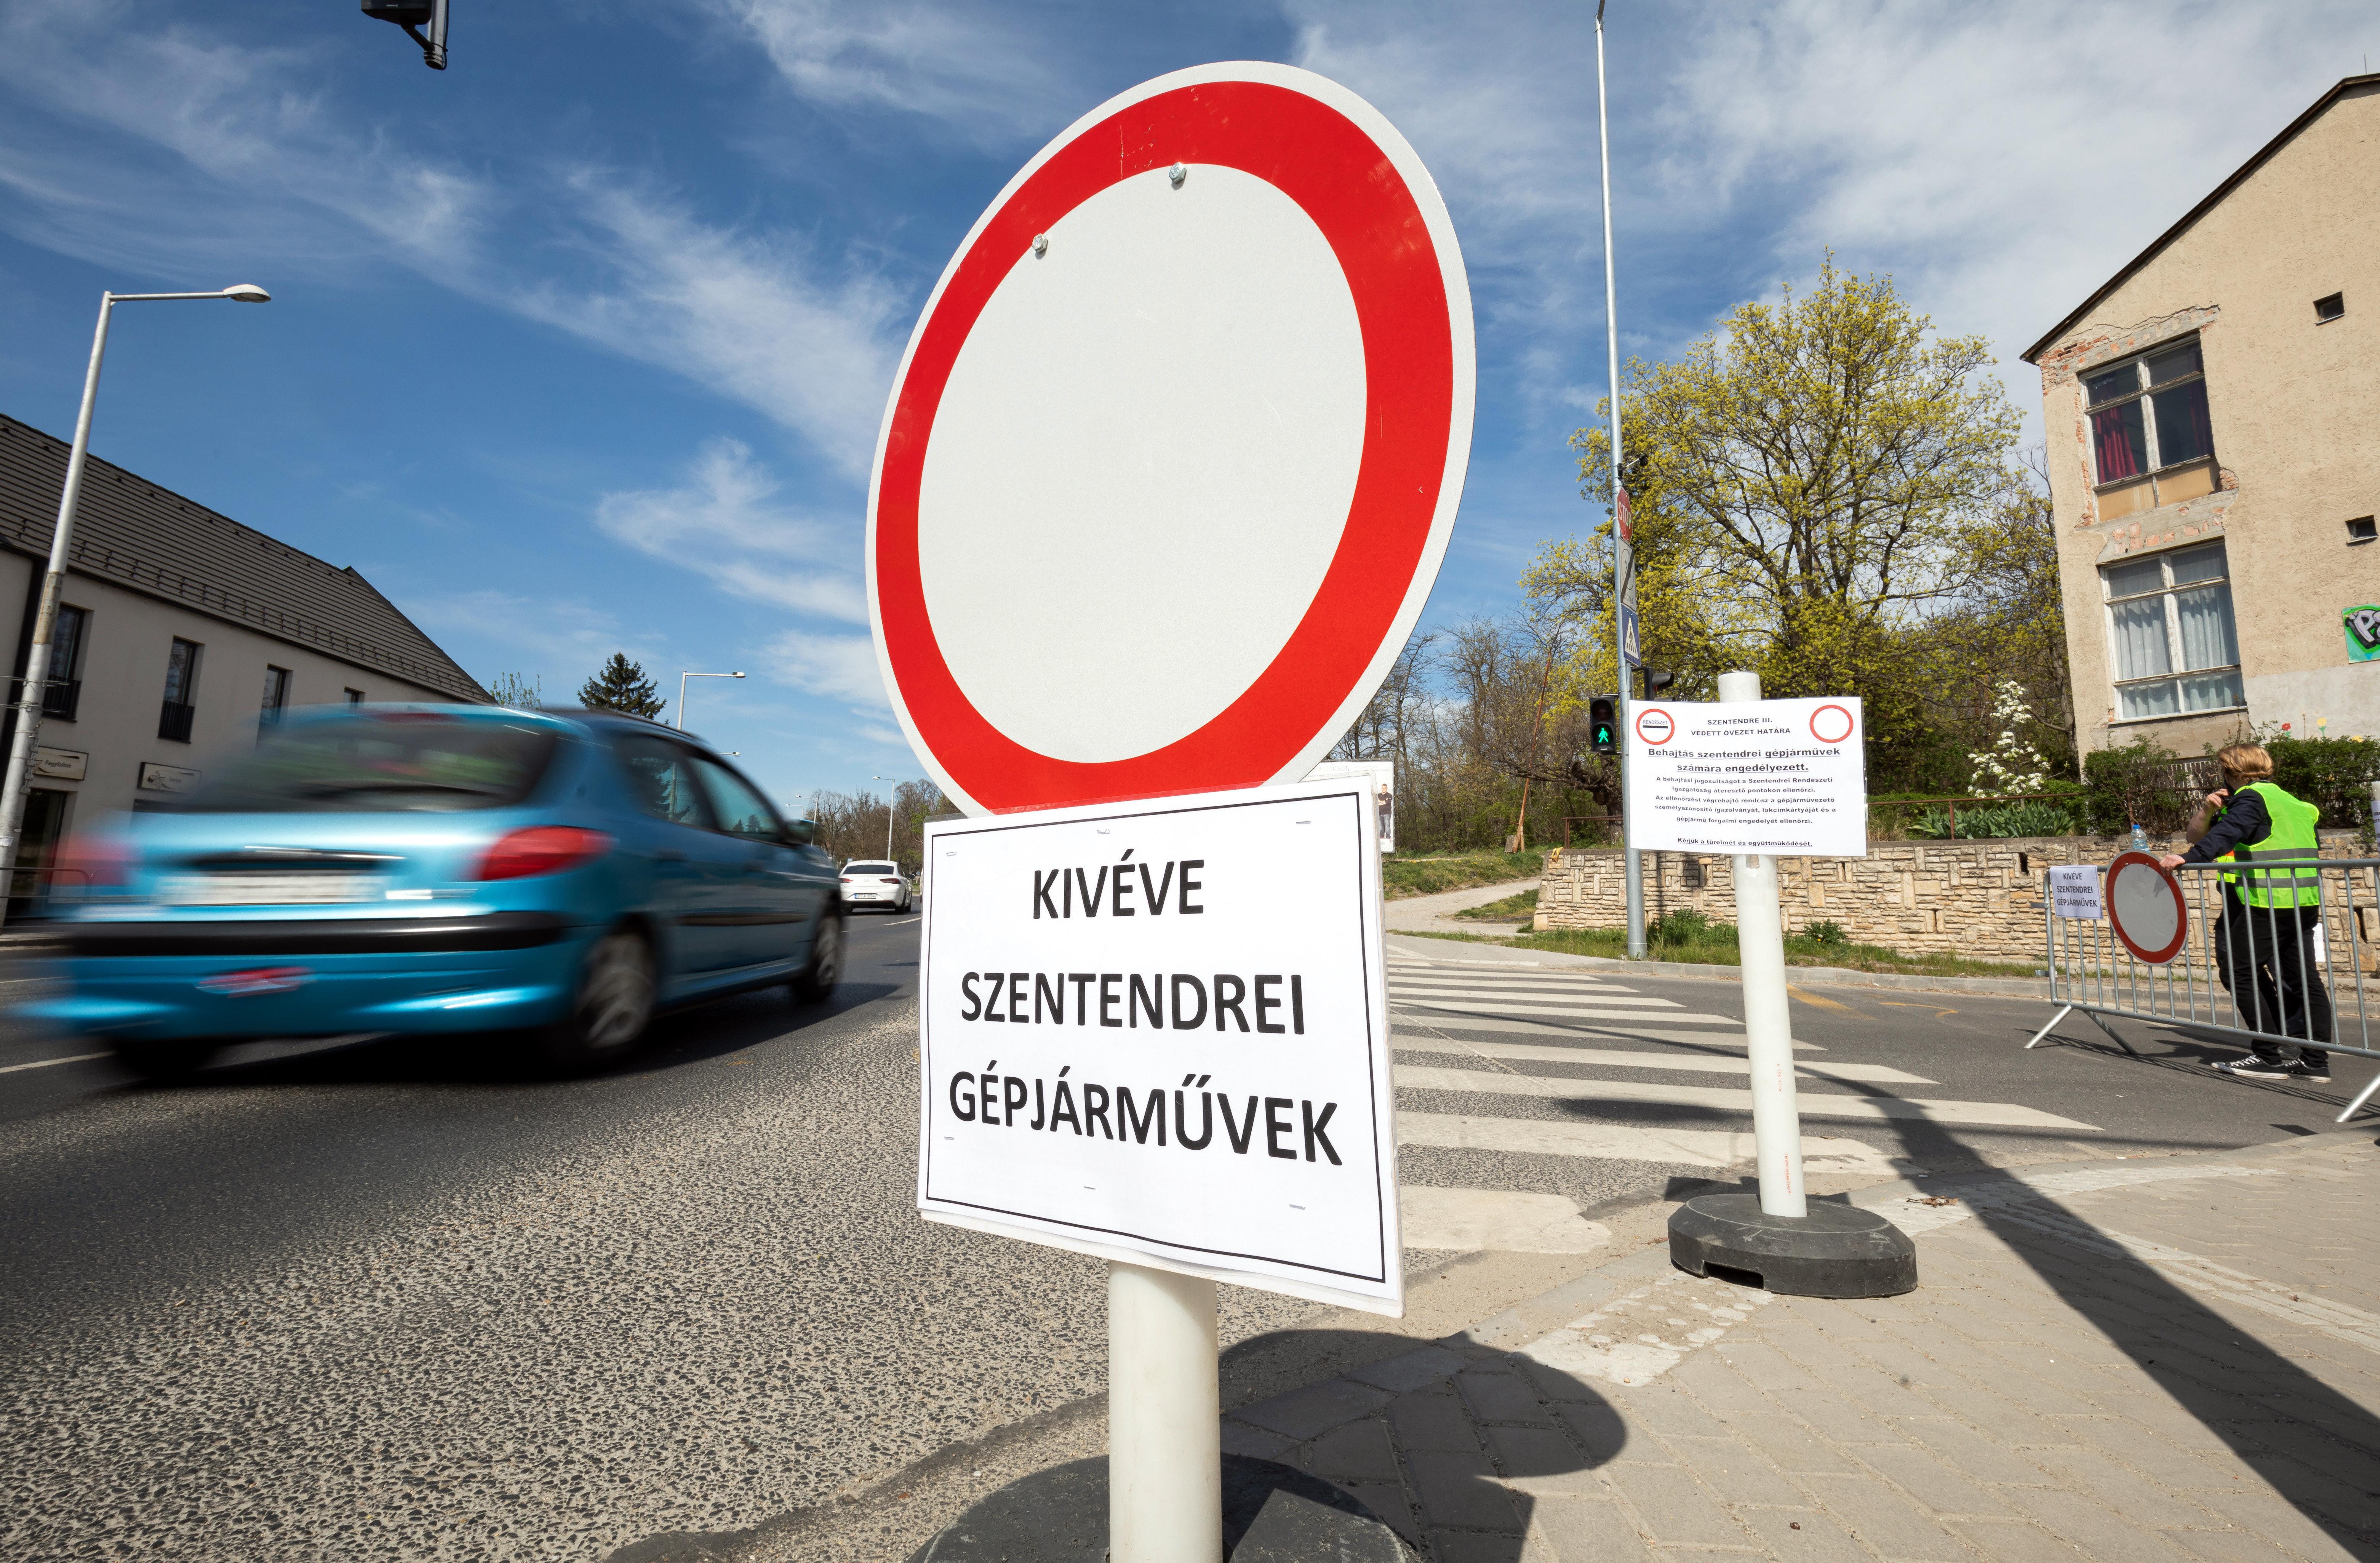 Szentendre polgármestere meghosszabbítaná a húsvéti kijárási korlátozásokat